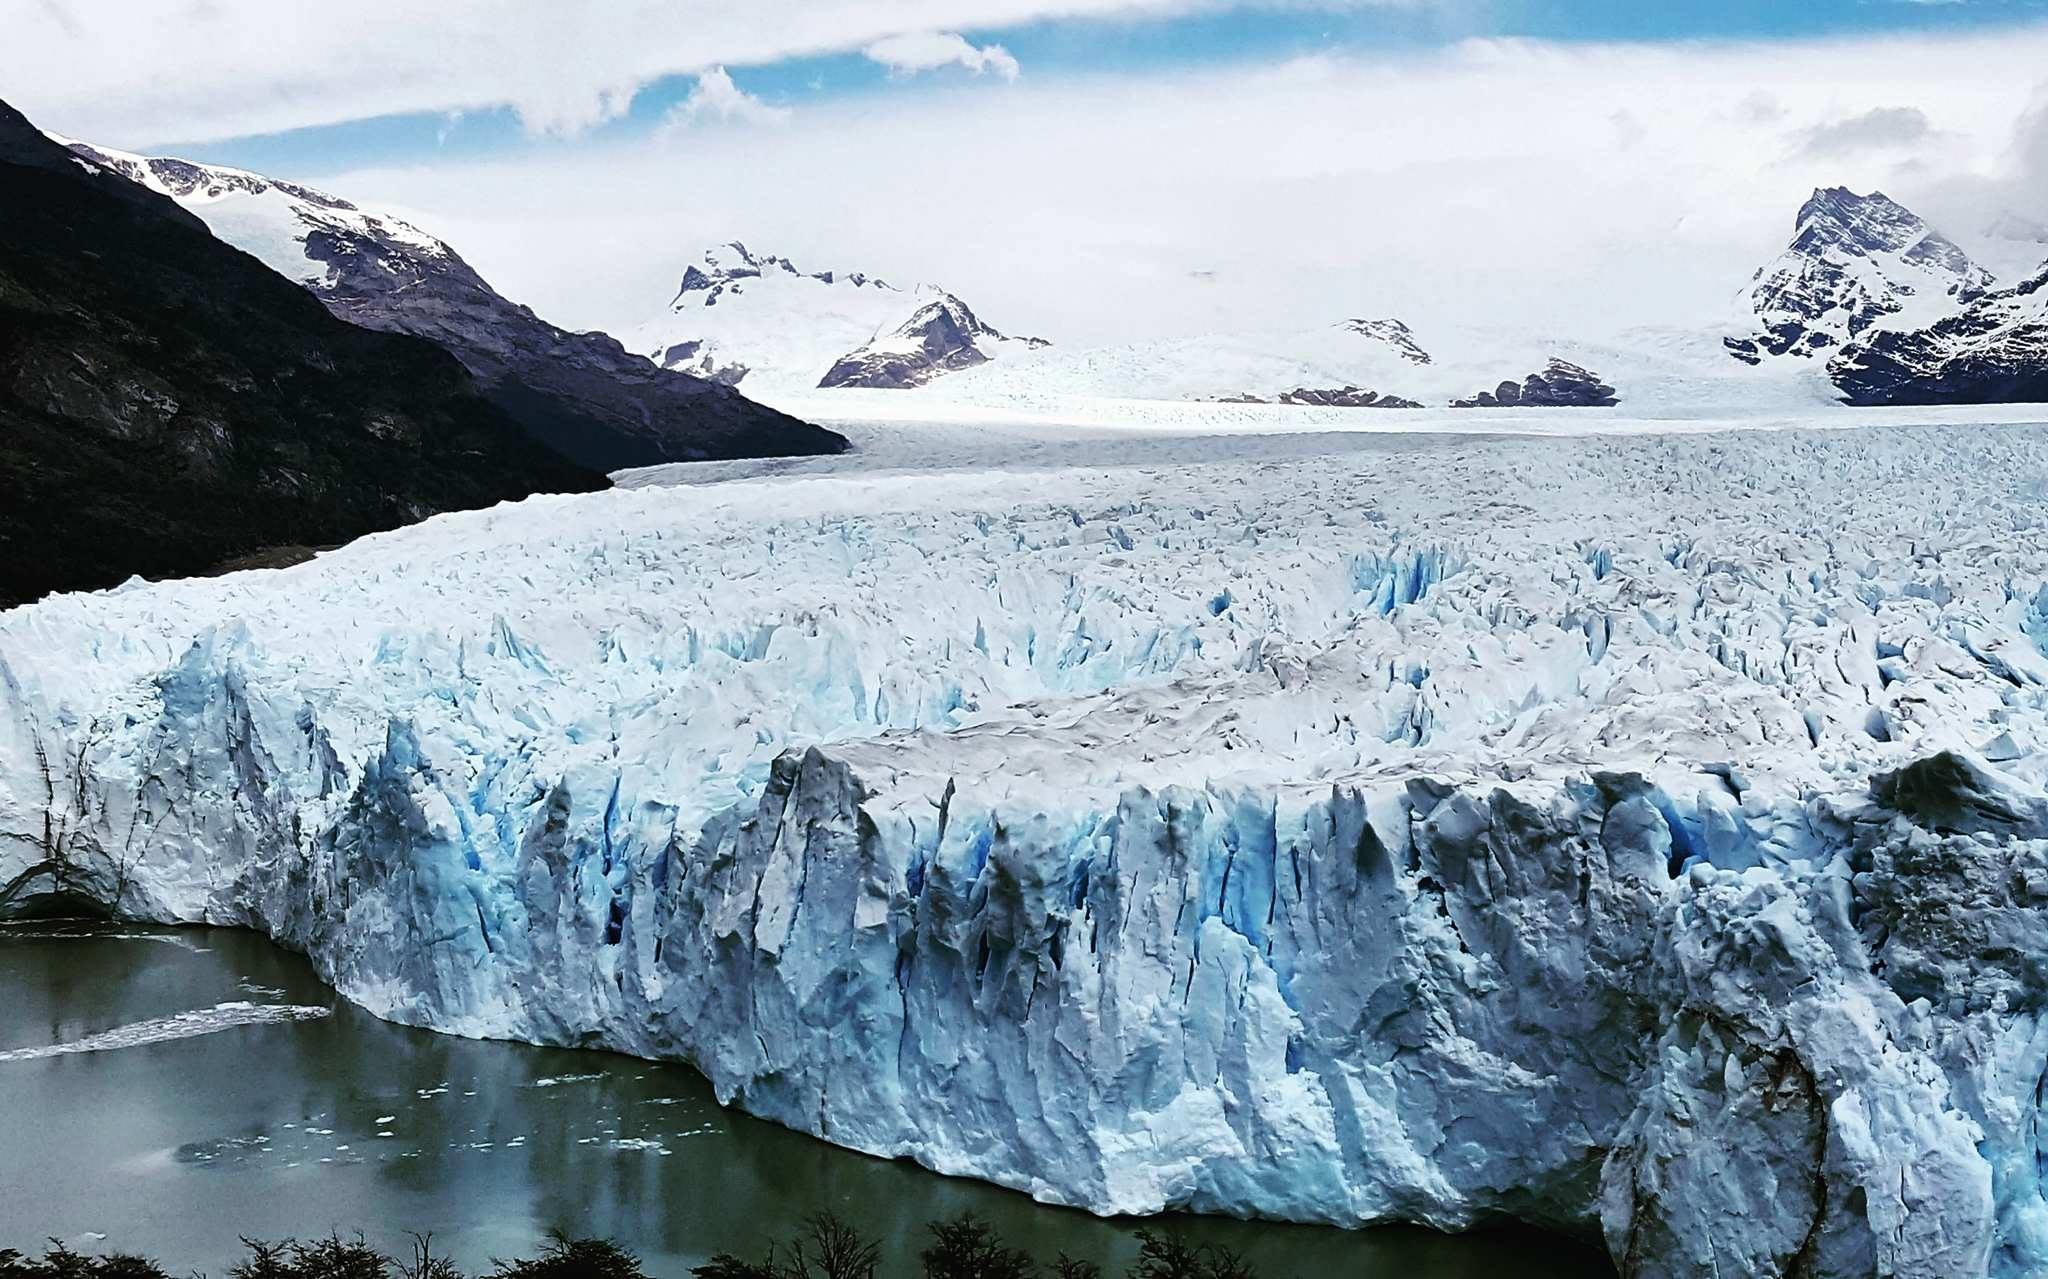 Perito Moreno Glacier, things to do in South America